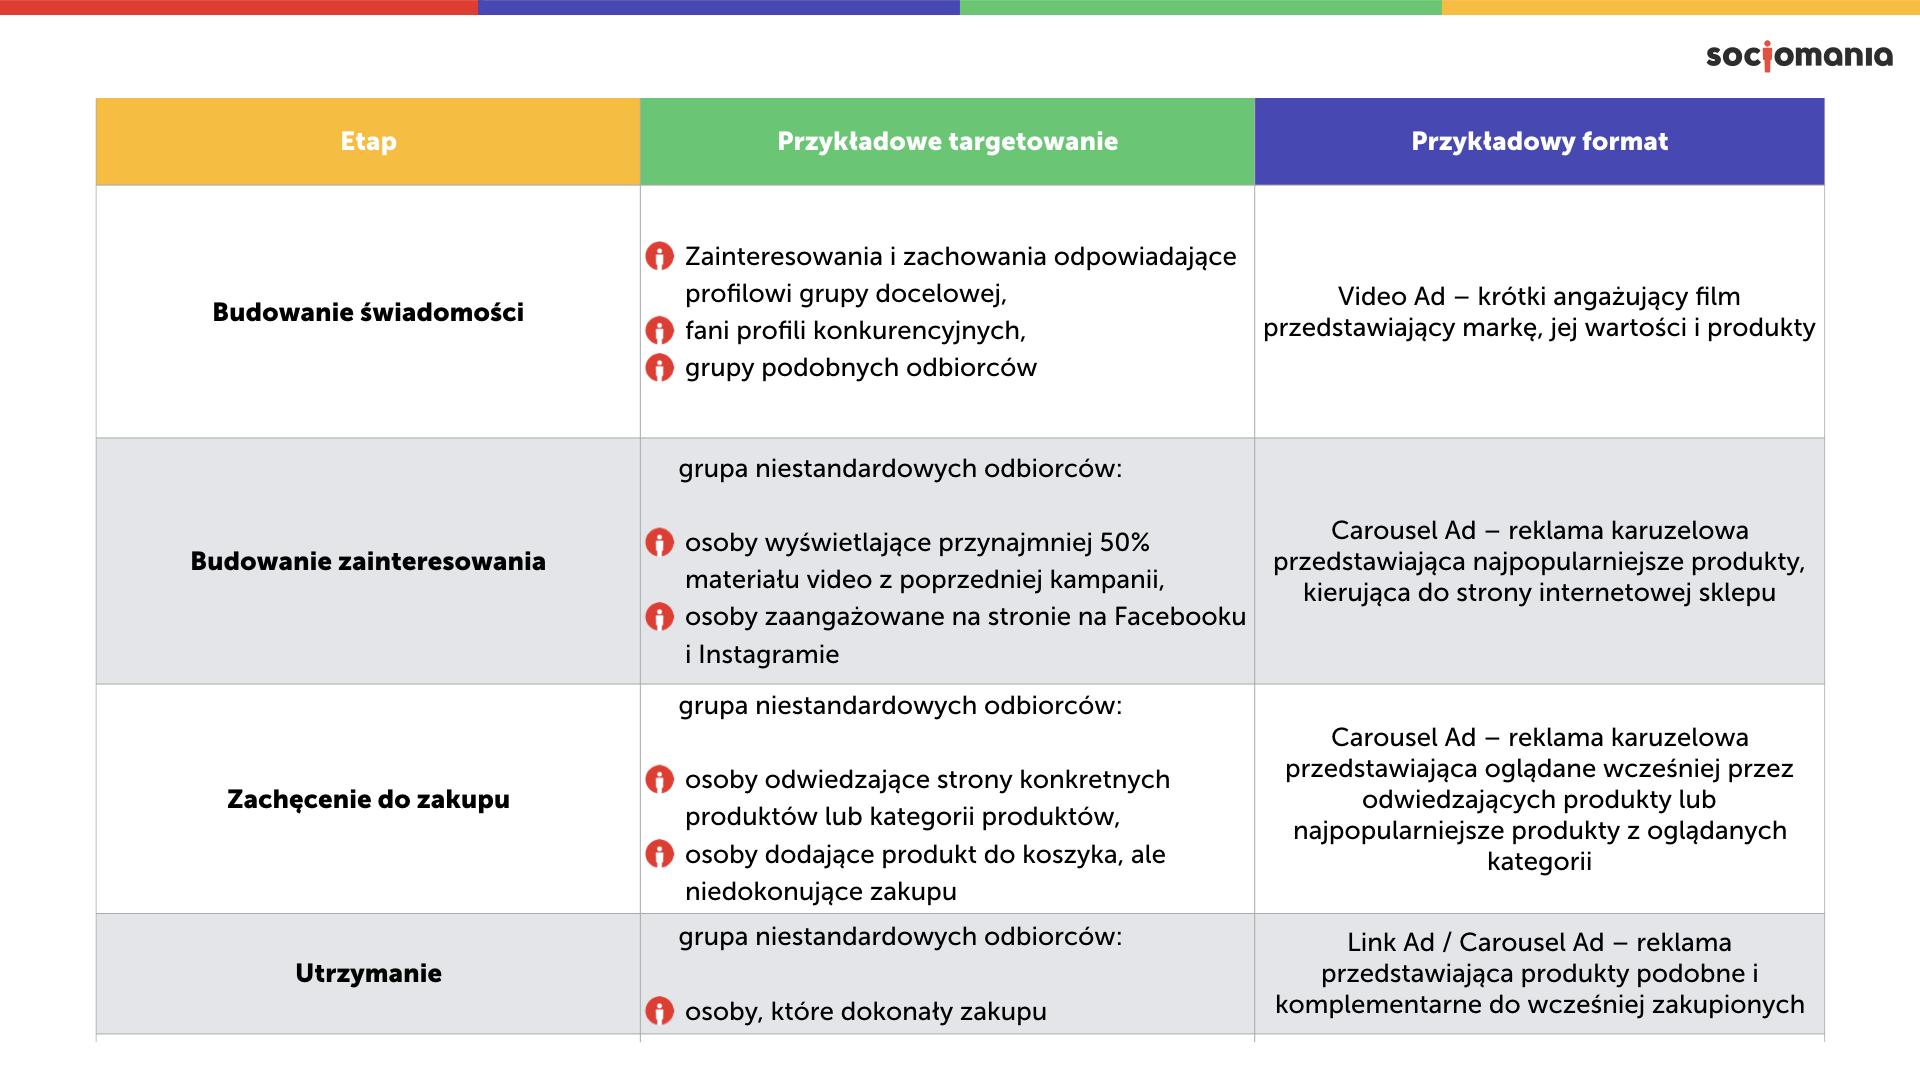 Tab. 1 Przykładowe formaty reklamowe i targetowanie dla poszczególnych etapów ścieżki Klienta, opracowanie własne